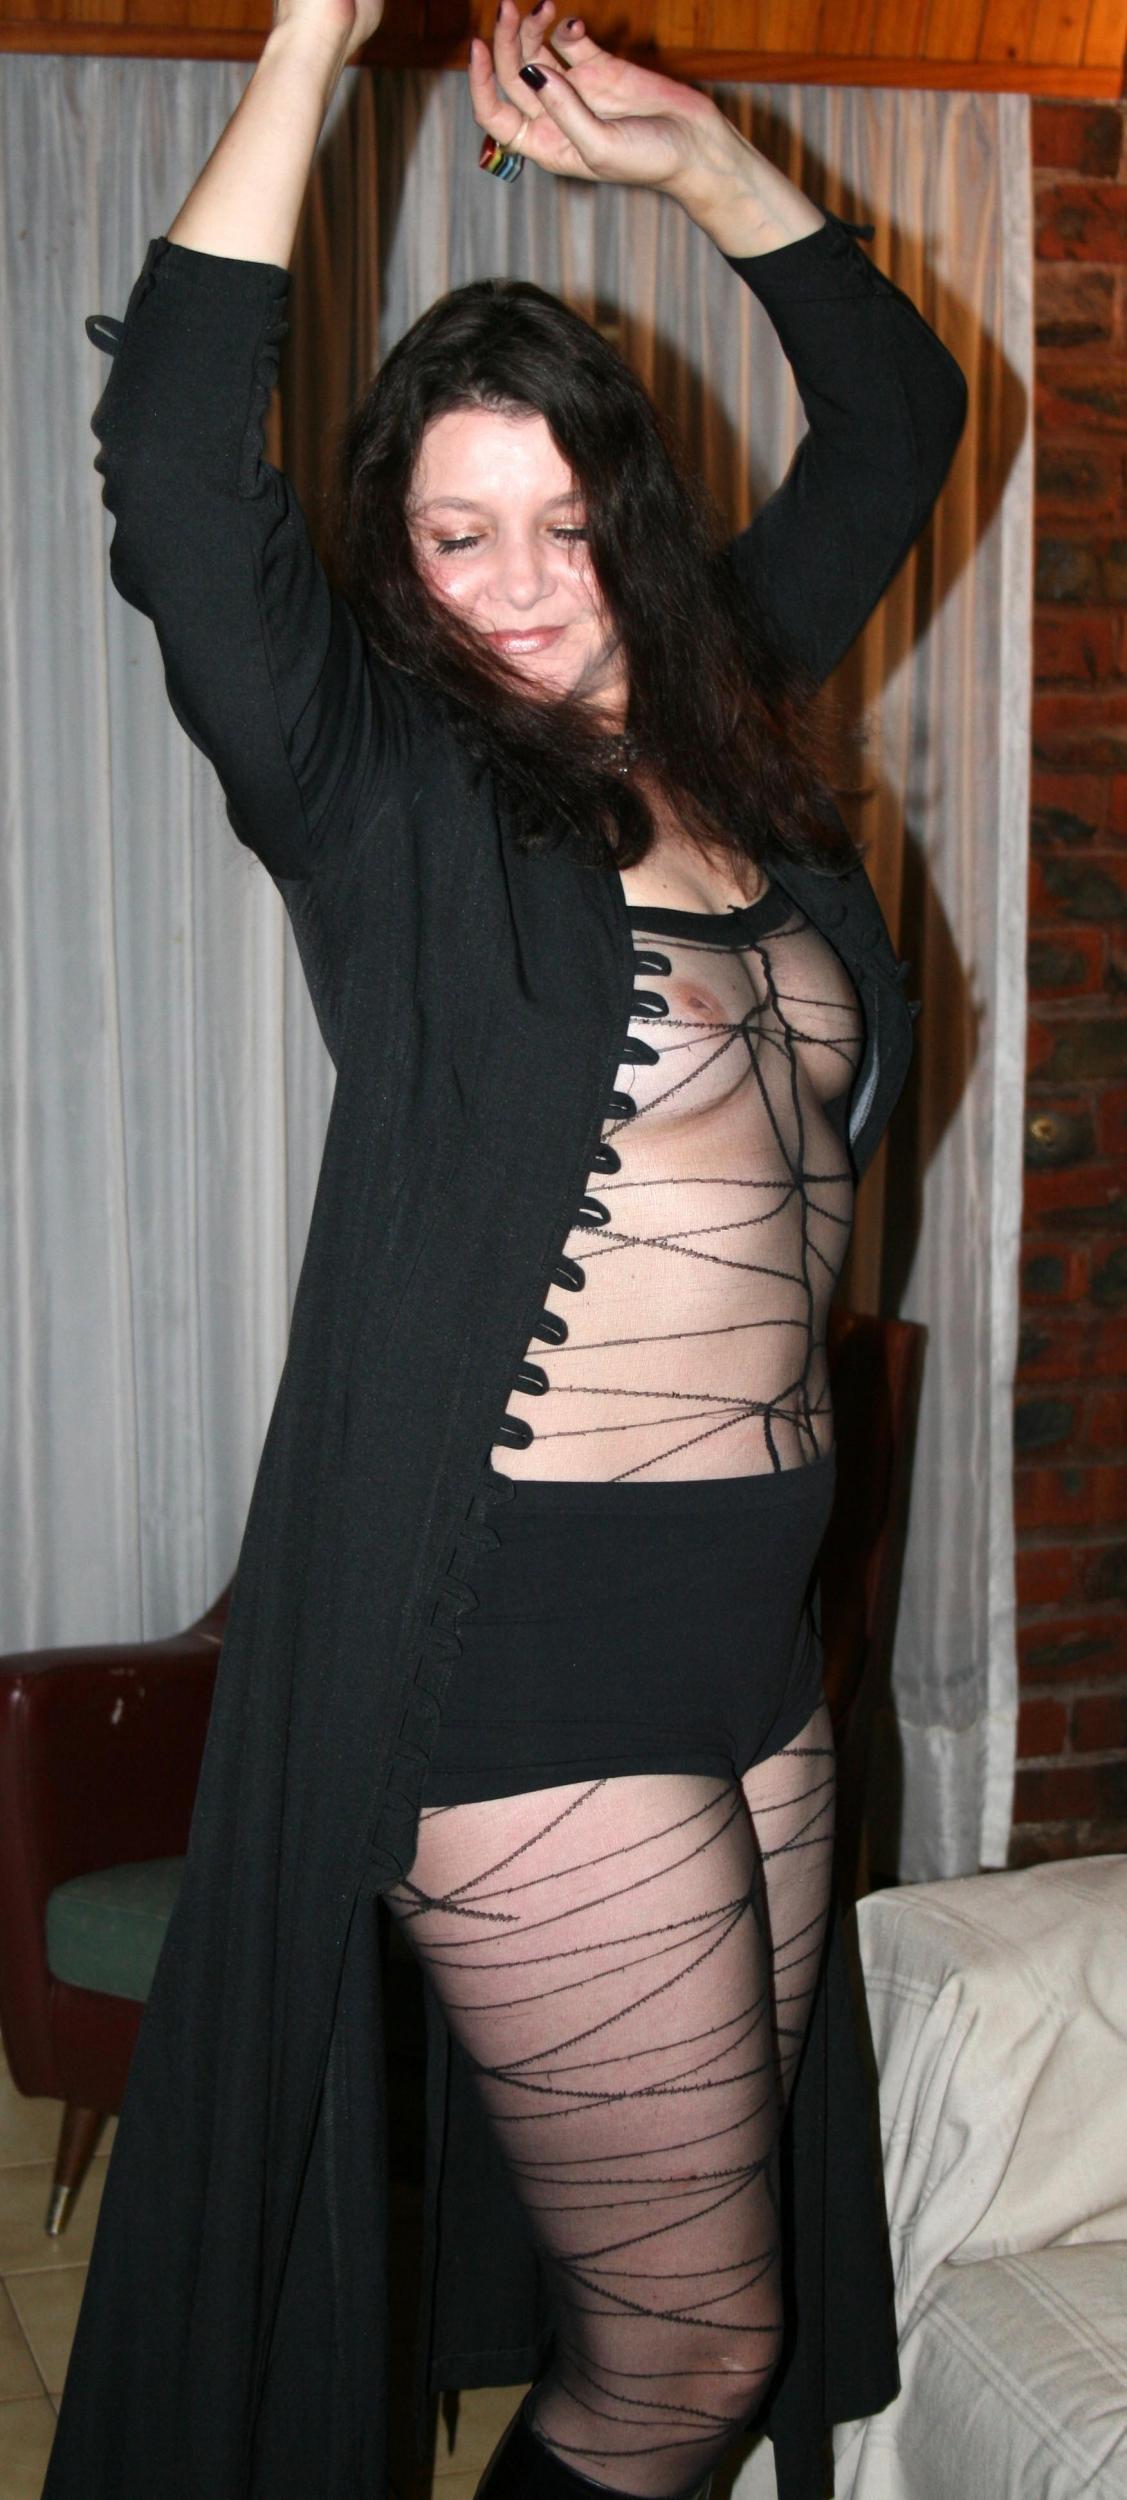 Смотреть эротичном белье онлайн